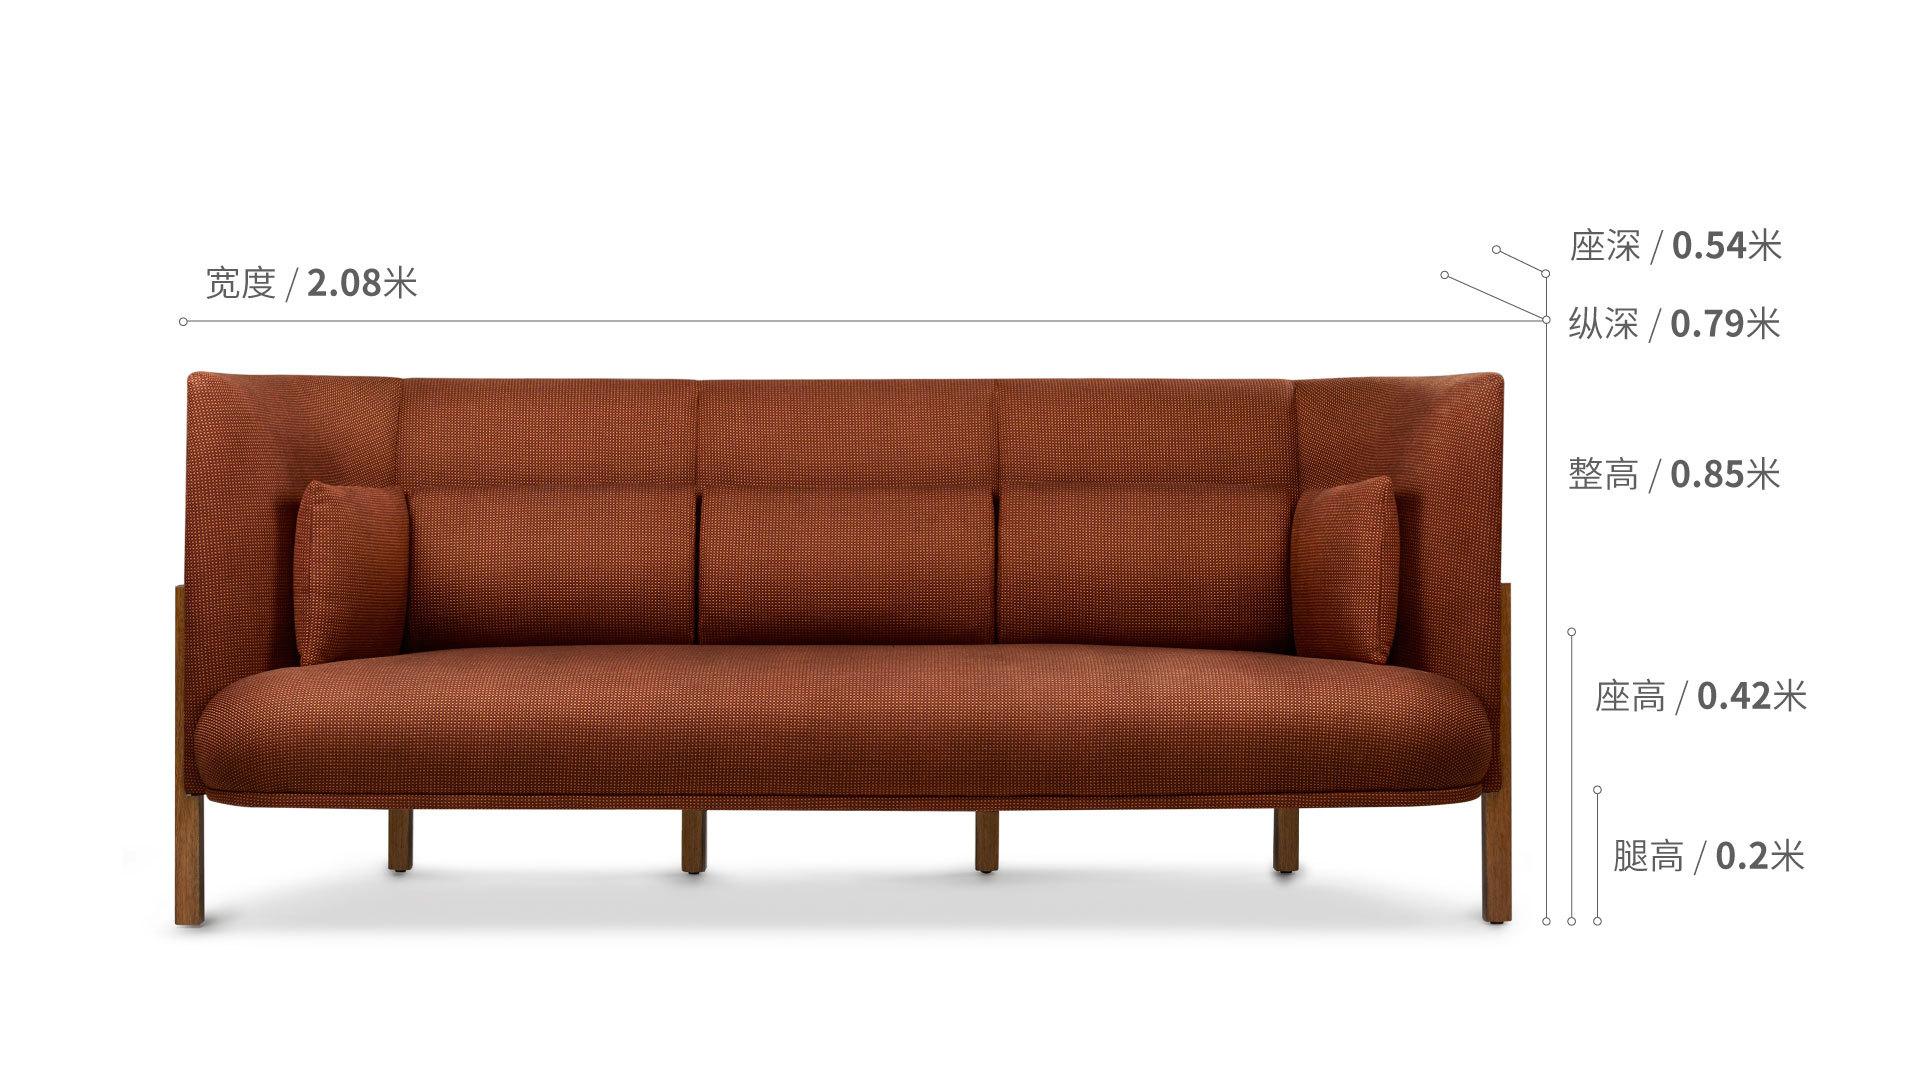 COFA?三人座沙發效果圖